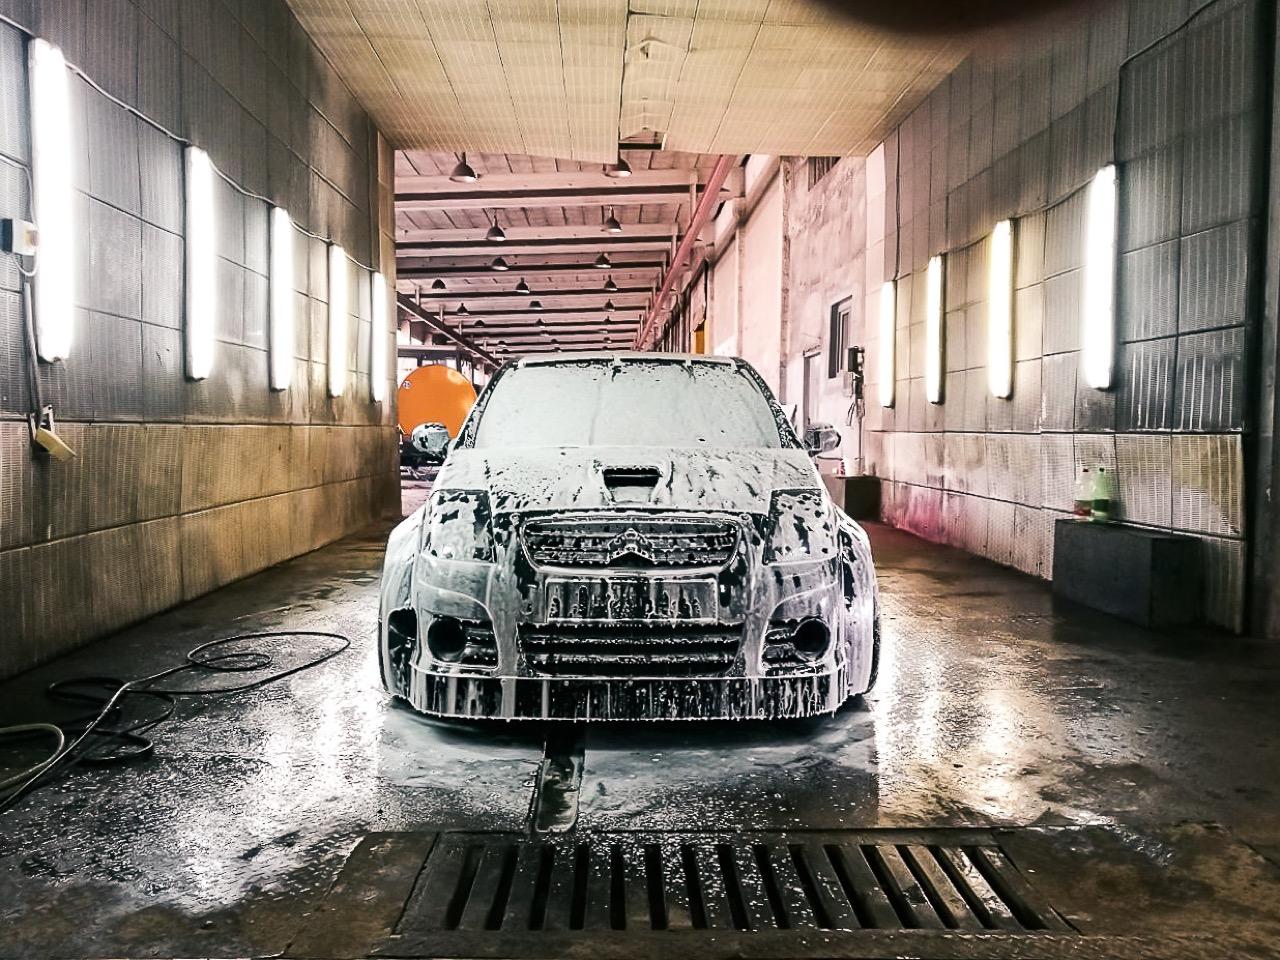 C2 VTS Swap 3S-GTE - Puce excitée ! 6